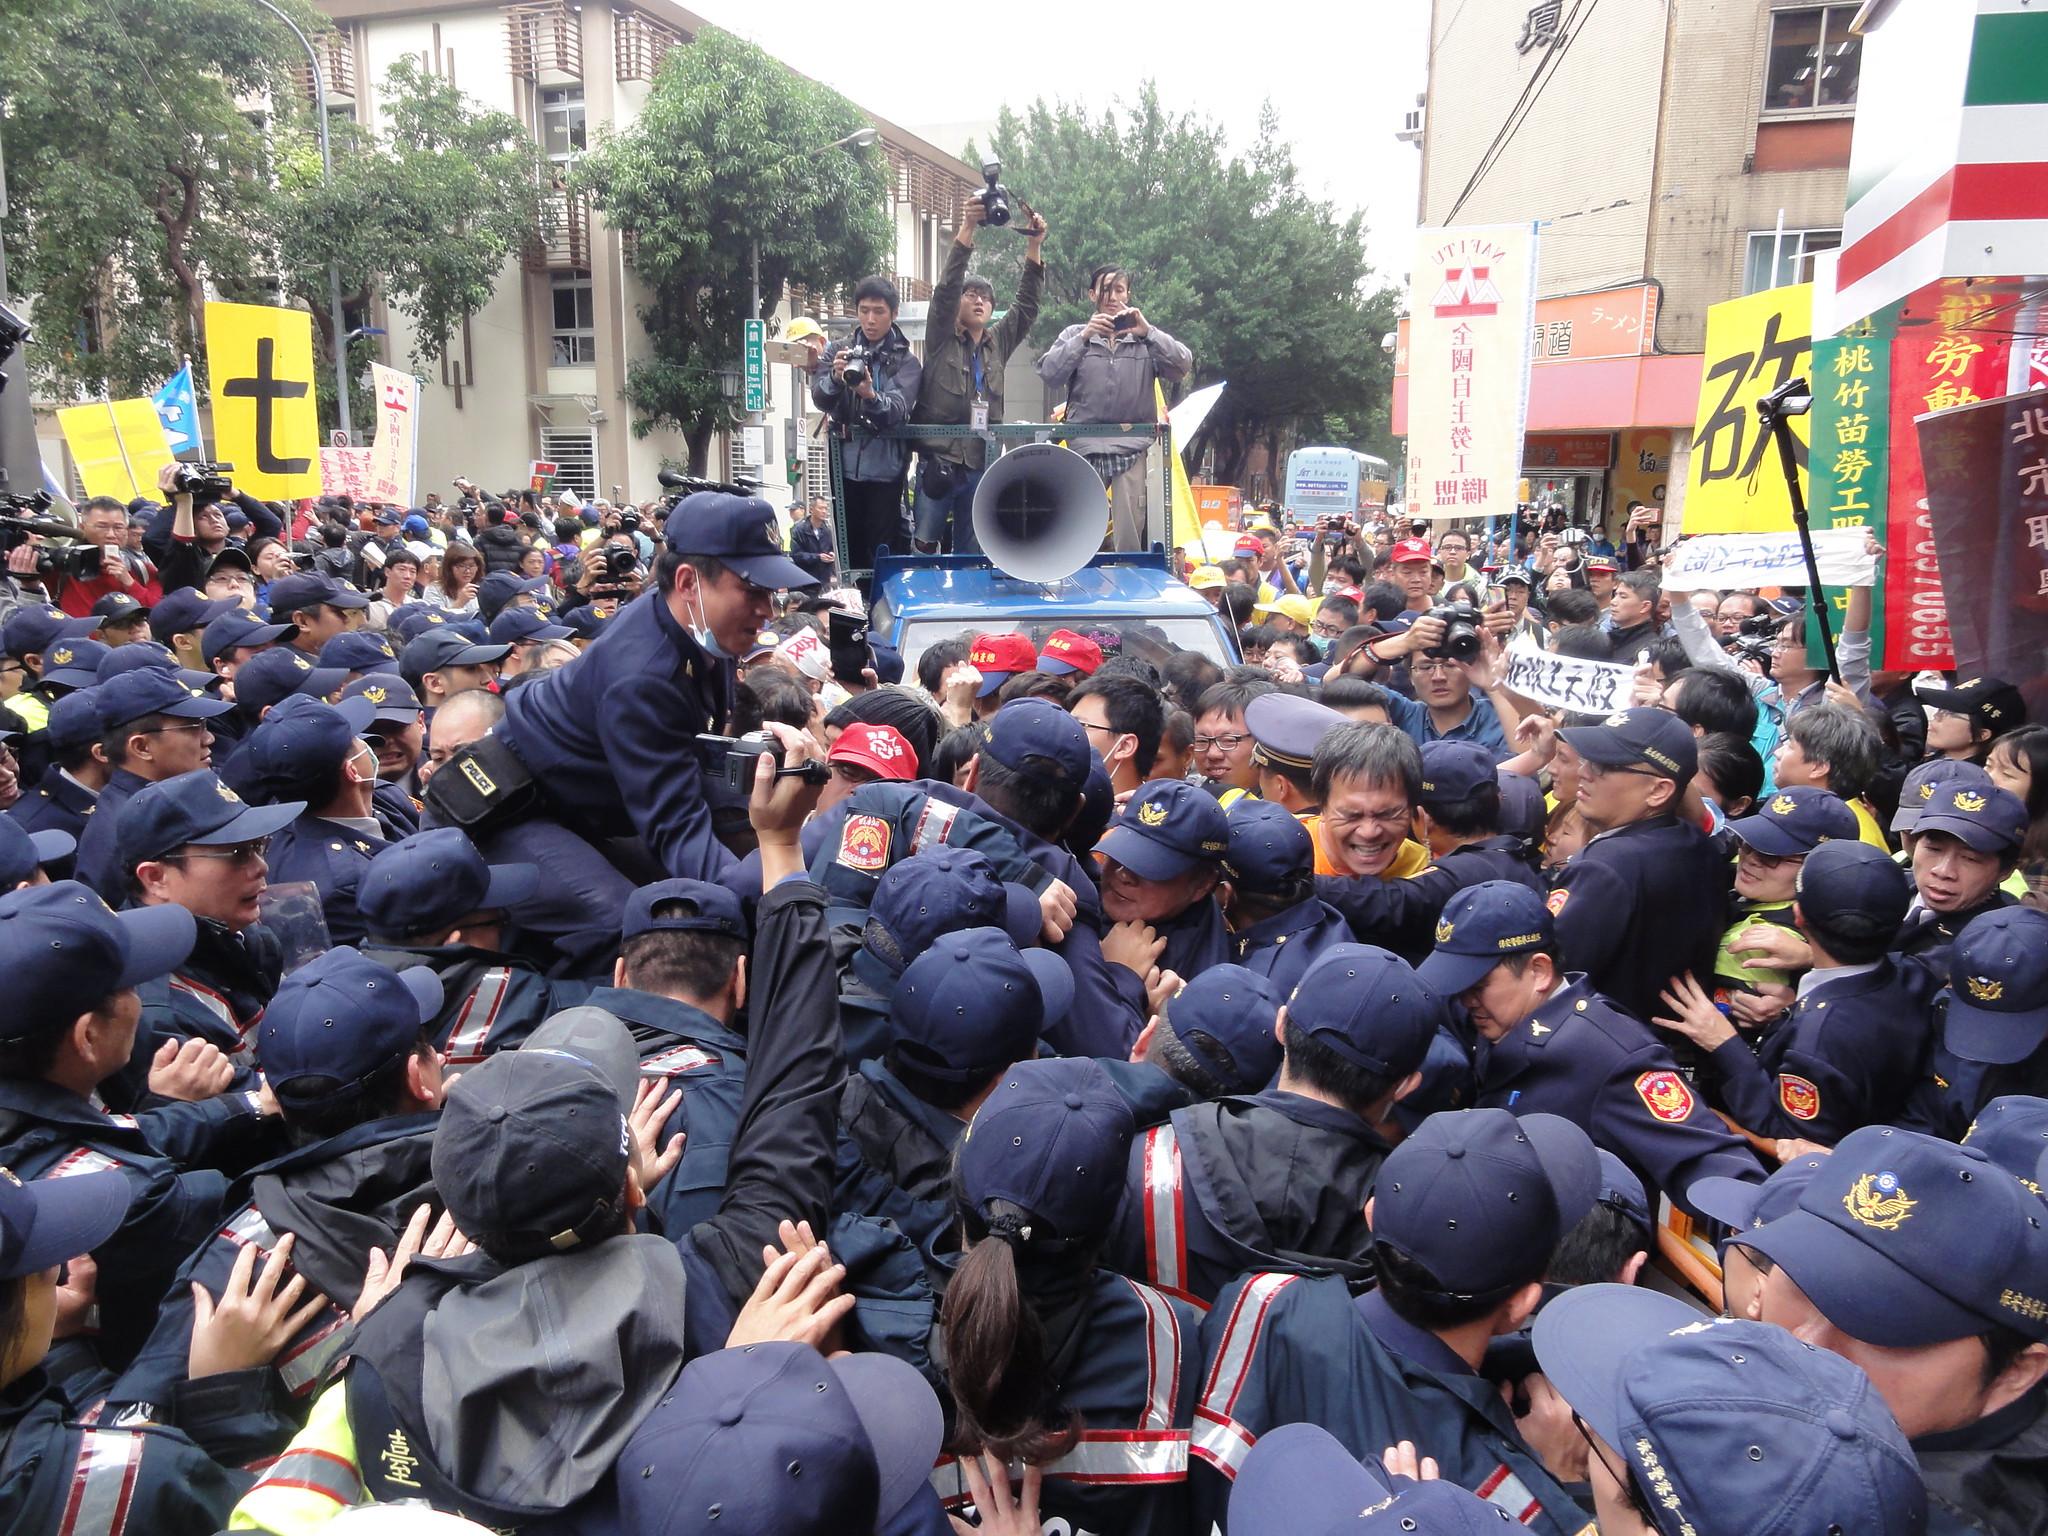 勞團百人聚集在立院青島東路側門,更多的警力則團團戒護。(攝影:張智琦)